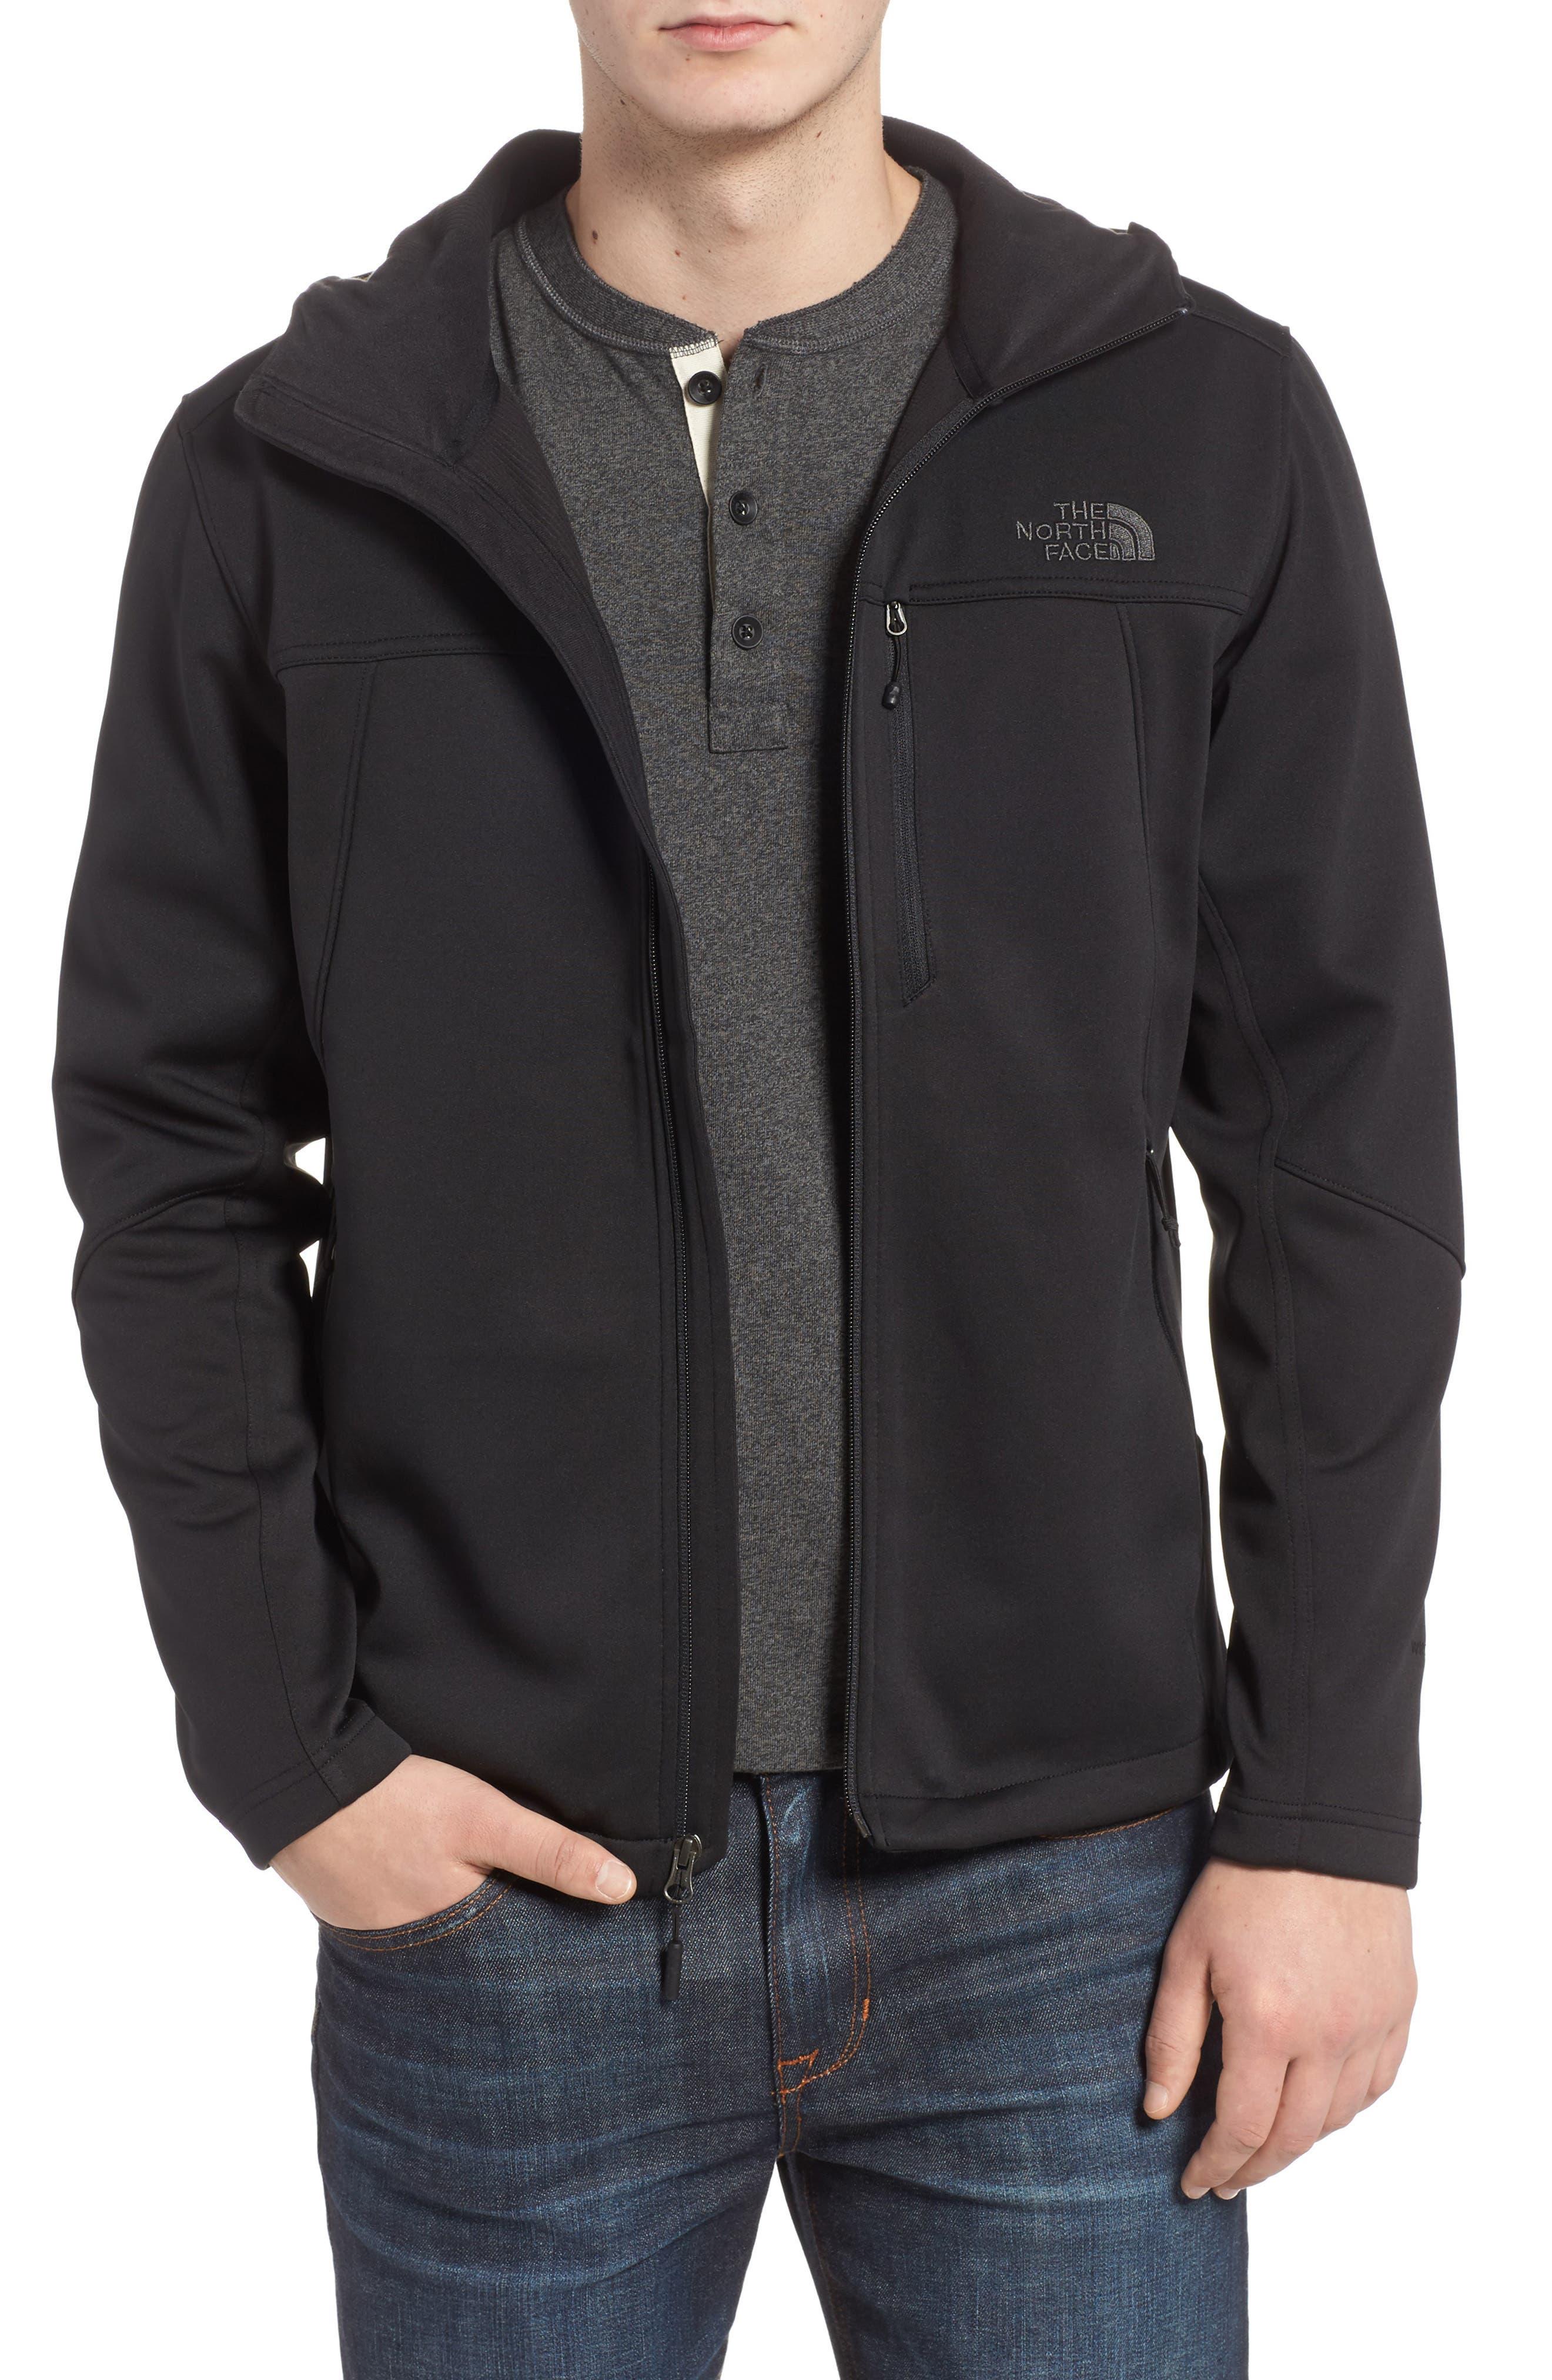 Apex Canyonwall Hybrid Jacket,                             Main thumbnail 1, color,                             001